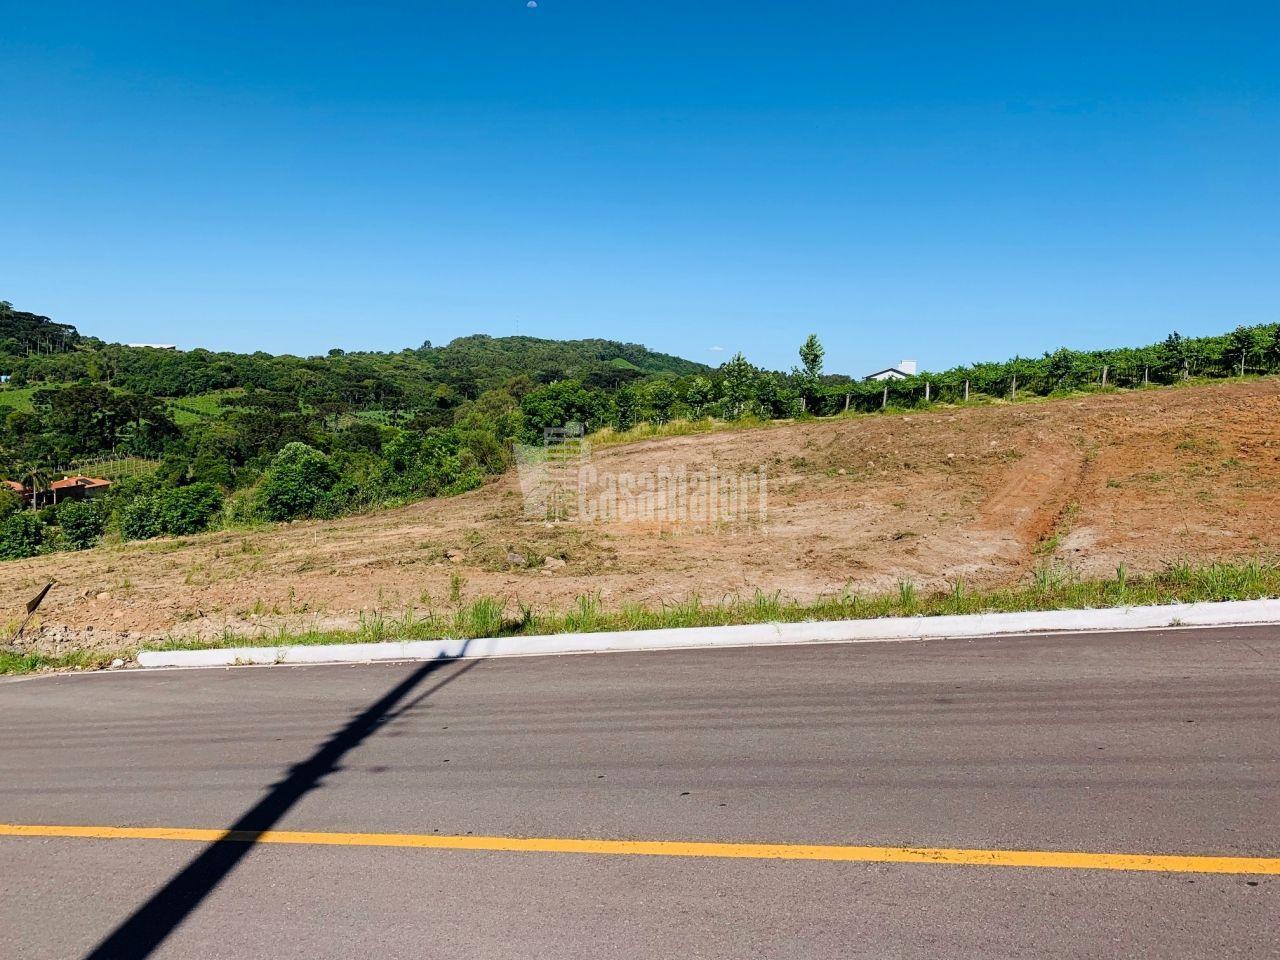 Terreno/Lote à venda, 927 m² por R$ 600.000,00